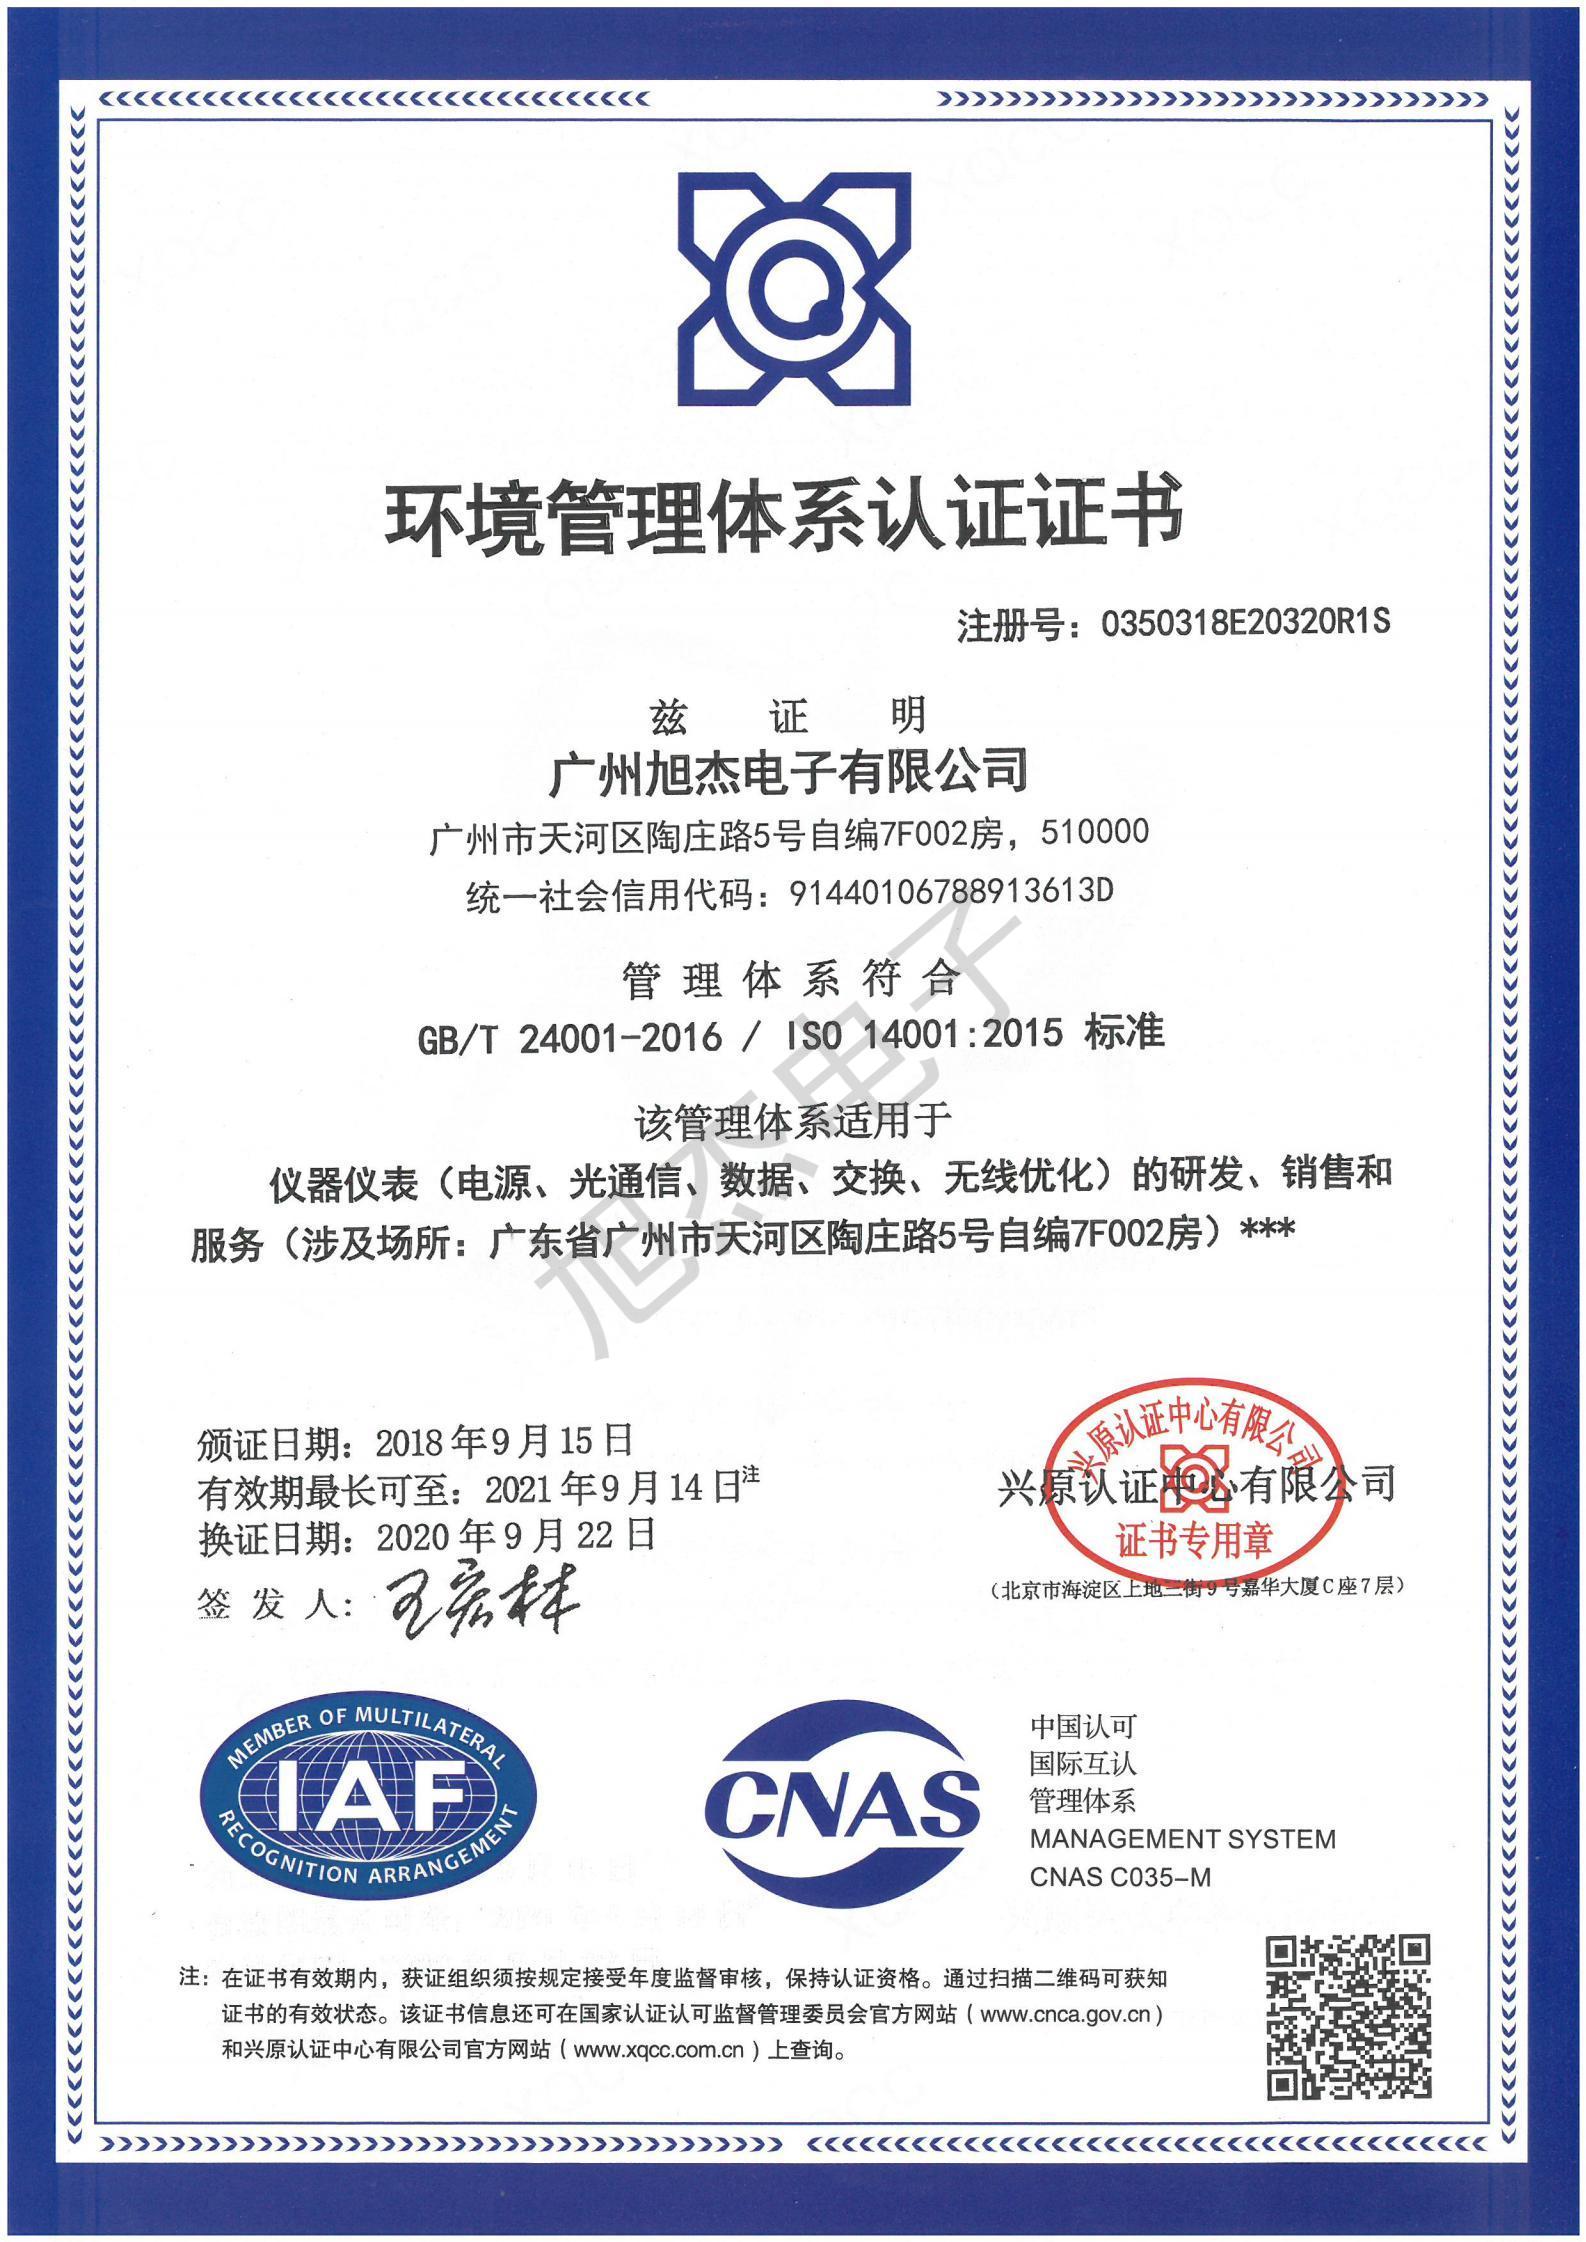 環境管理體系認證證書(中文版)